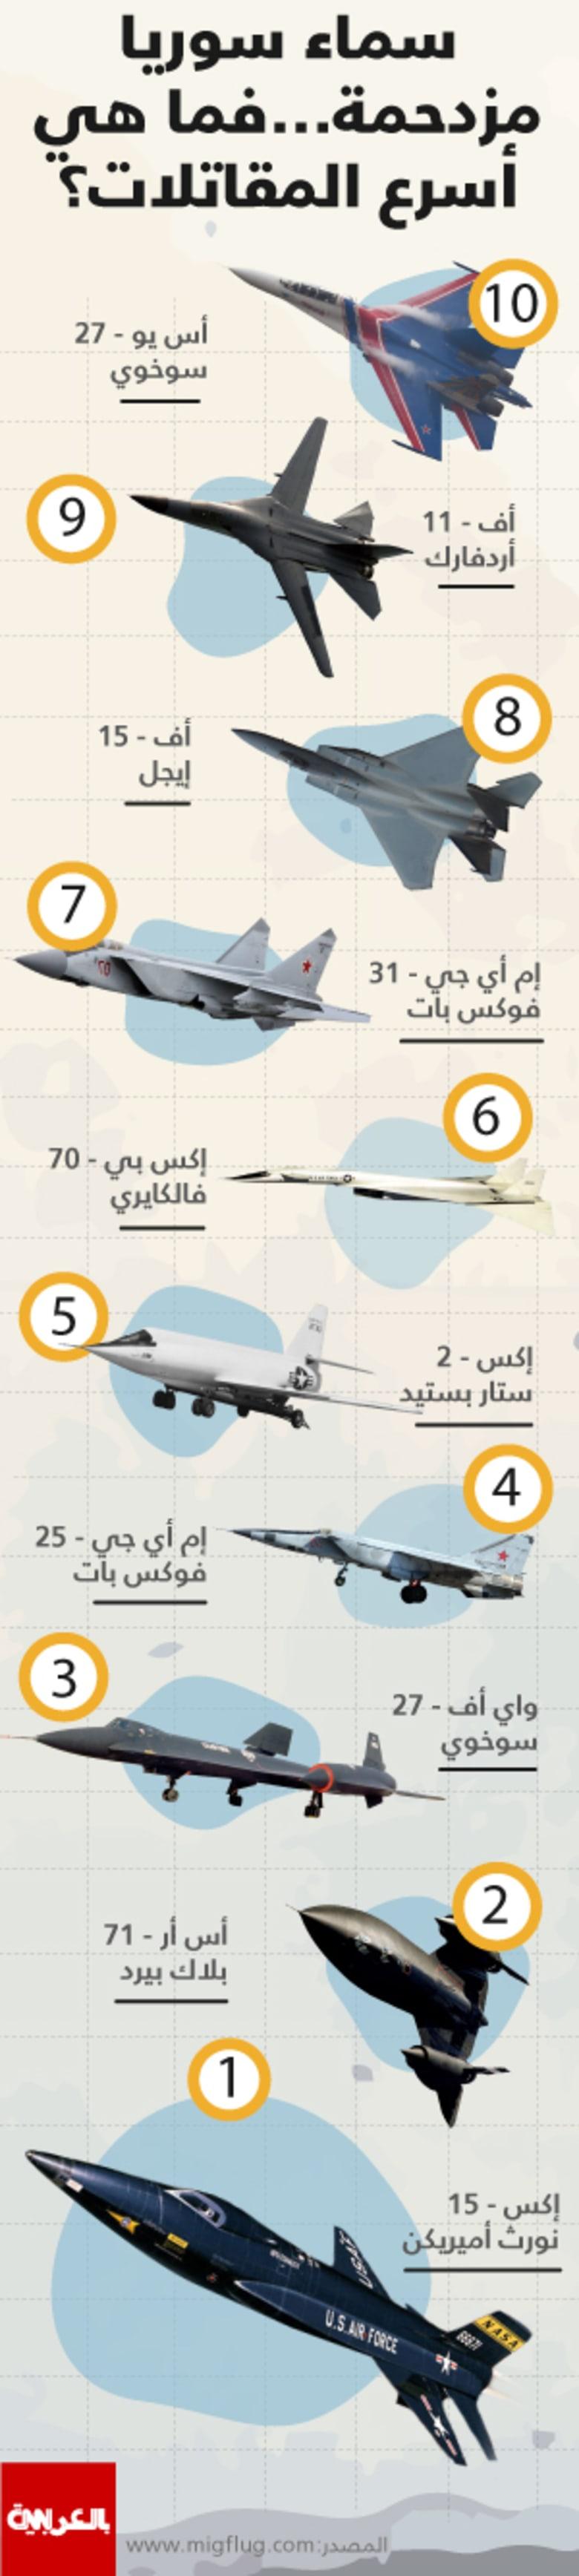 سماء سوريا مزدحمة.. فما هي أسرع المقاتلات في العالم؟